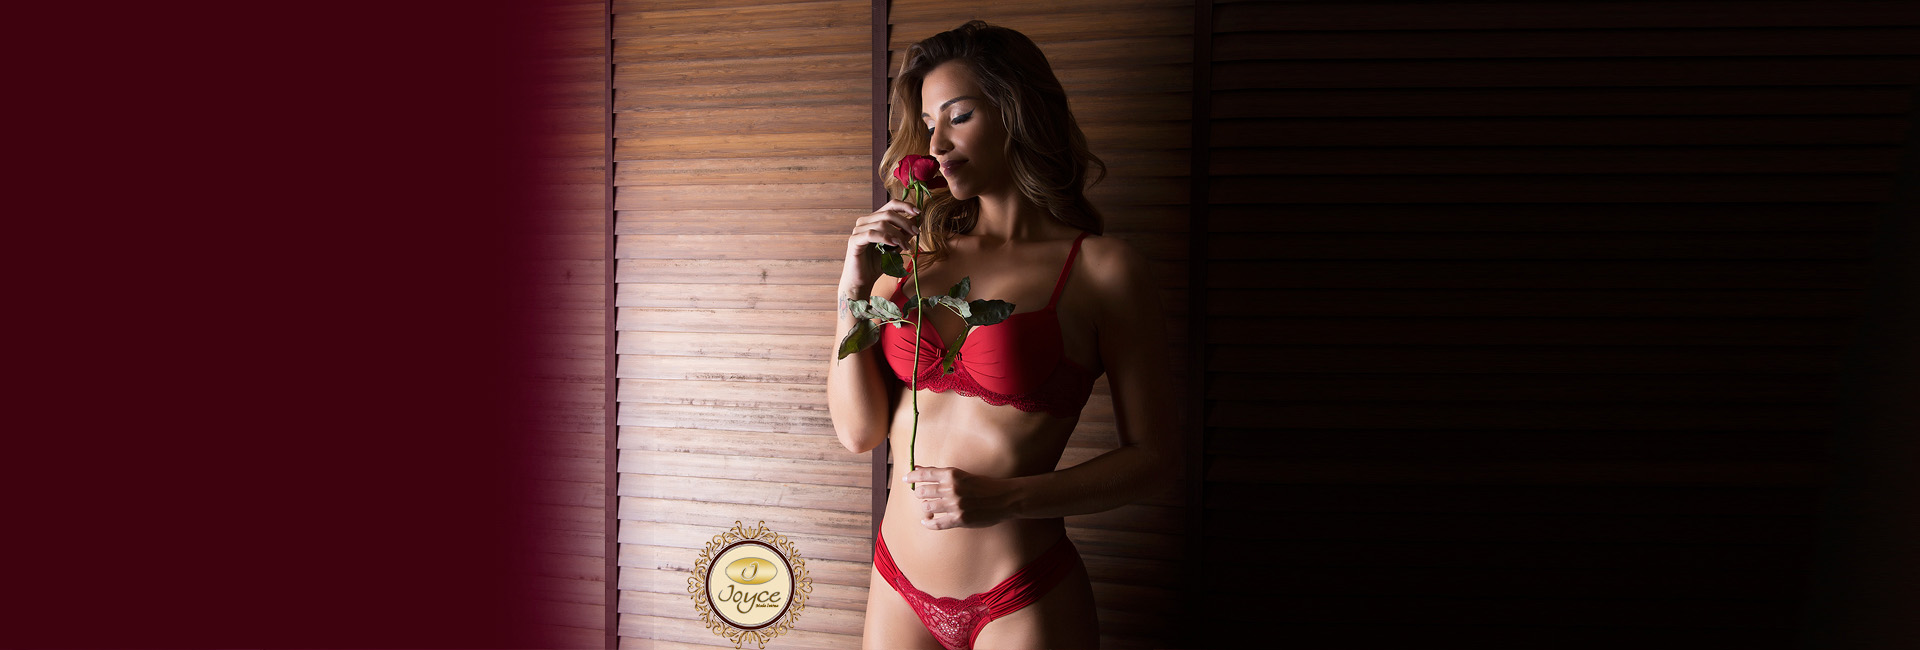 Dia dos Namorados - Joyce Moda Intima